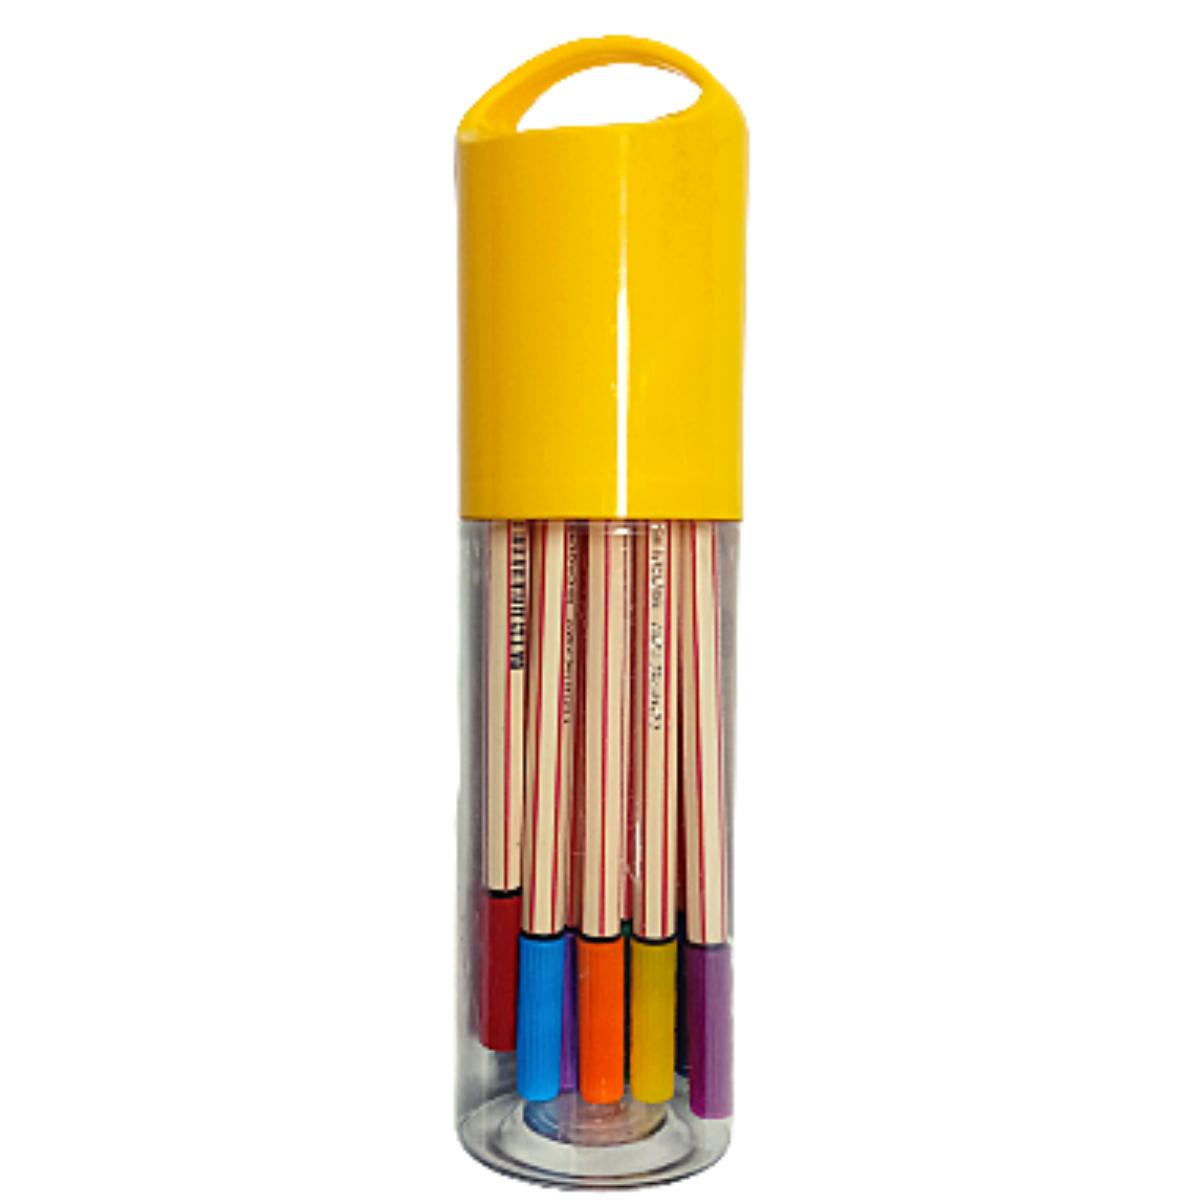 Caneta Microline 0.4 Kit Com 12 cores - Compactor